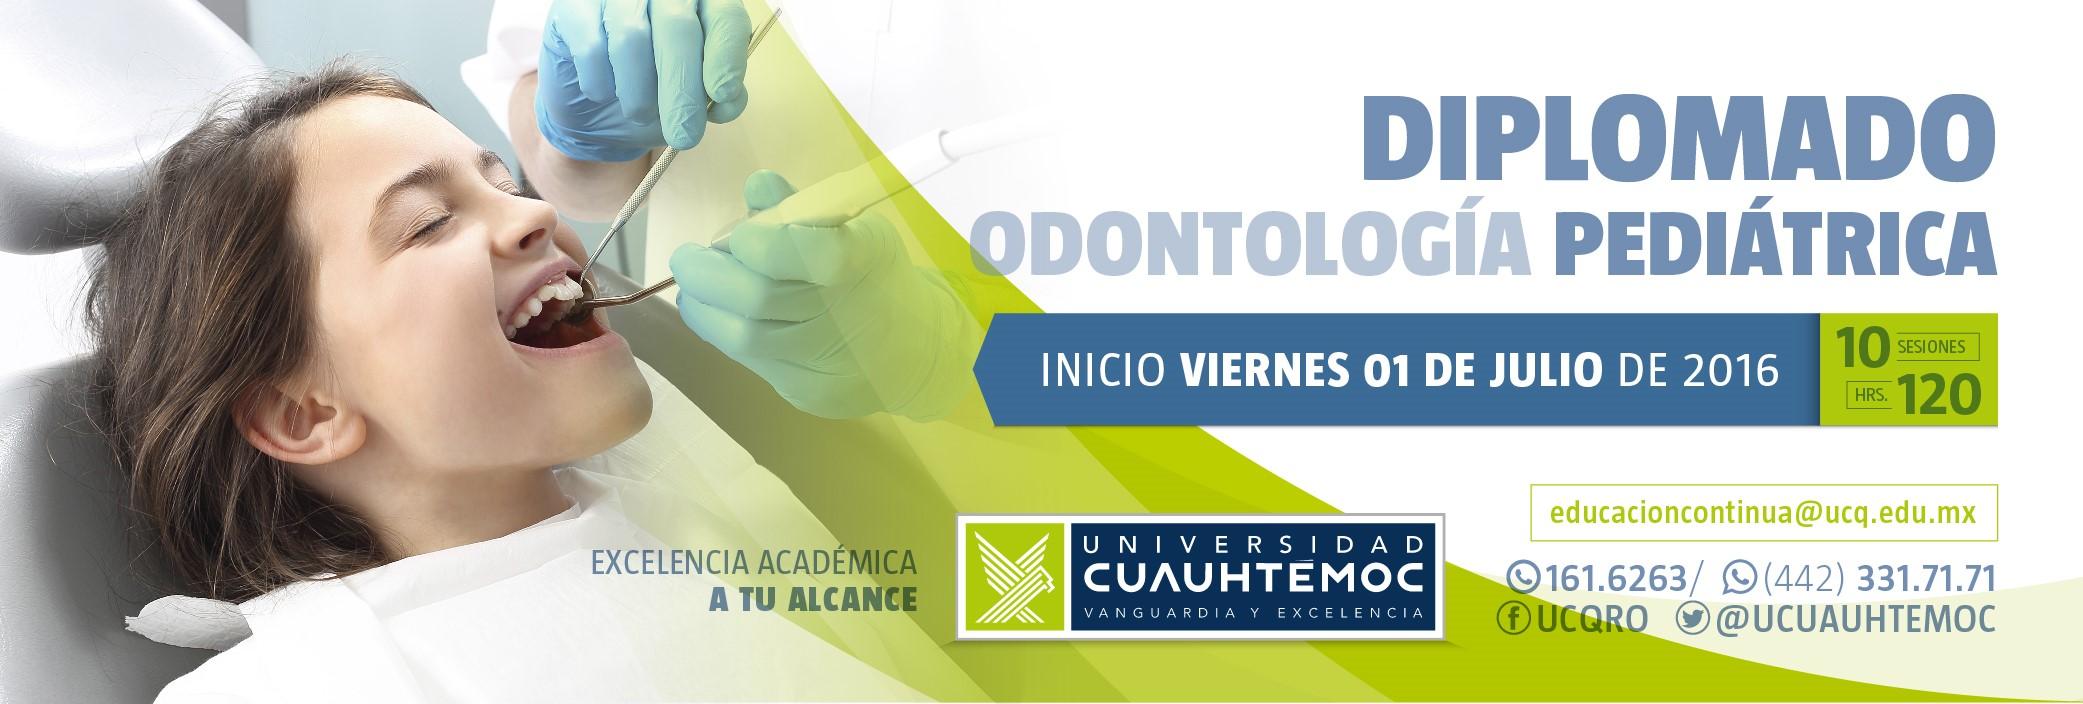 Diplomado Odontologia Pediatrica